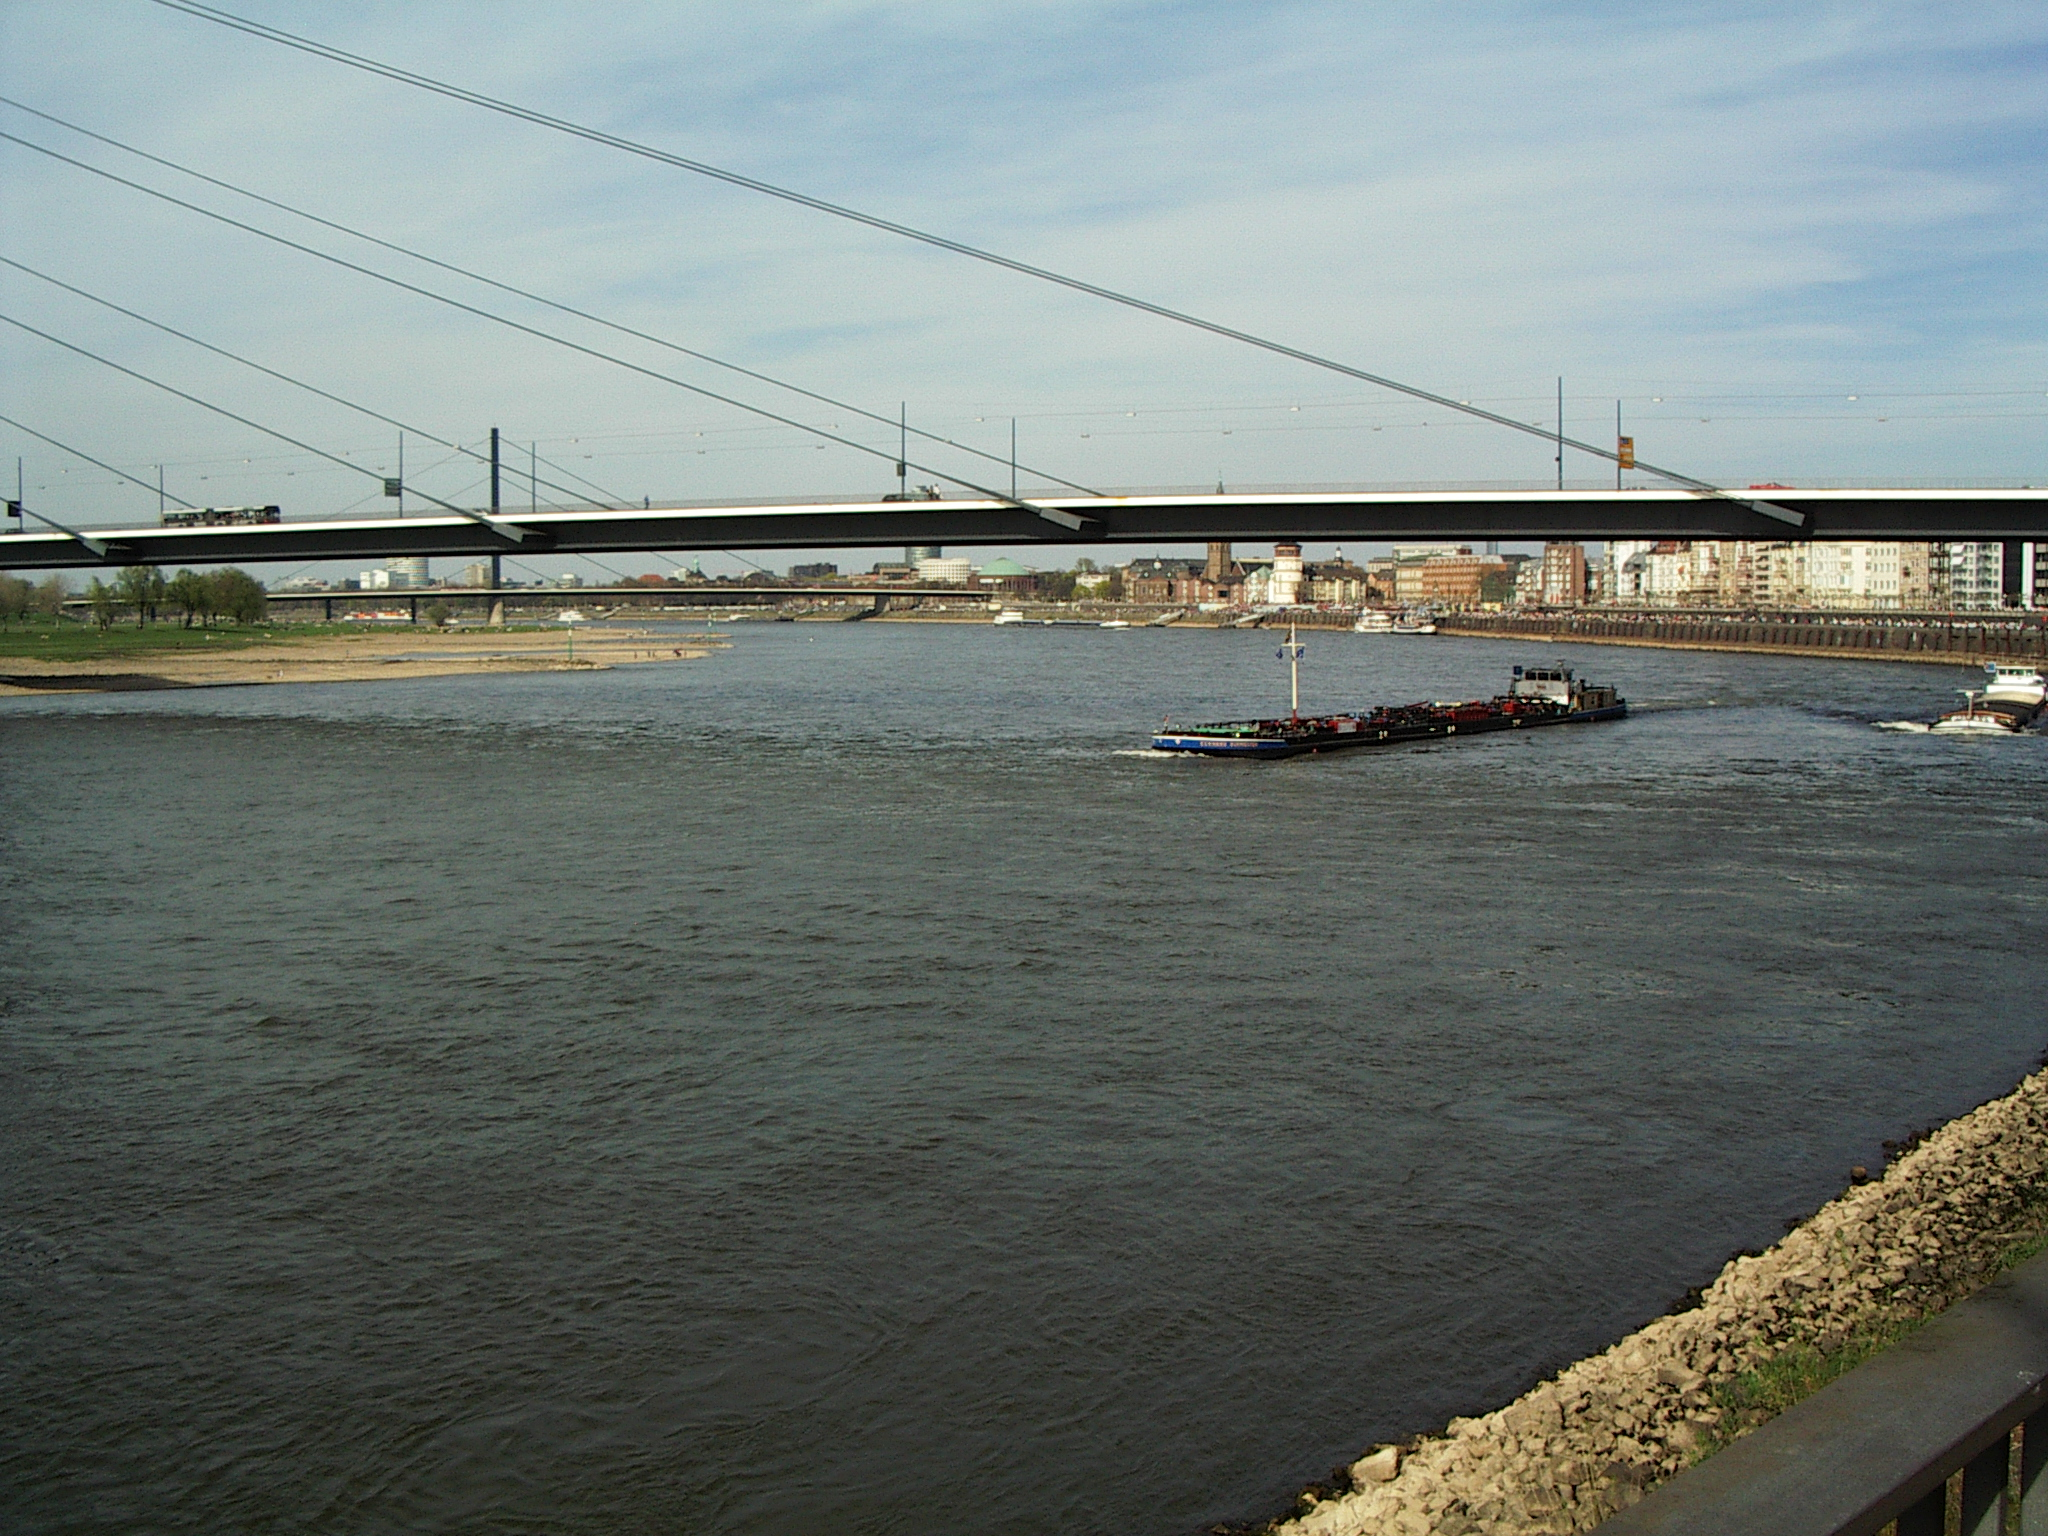 Kasseler Brücke